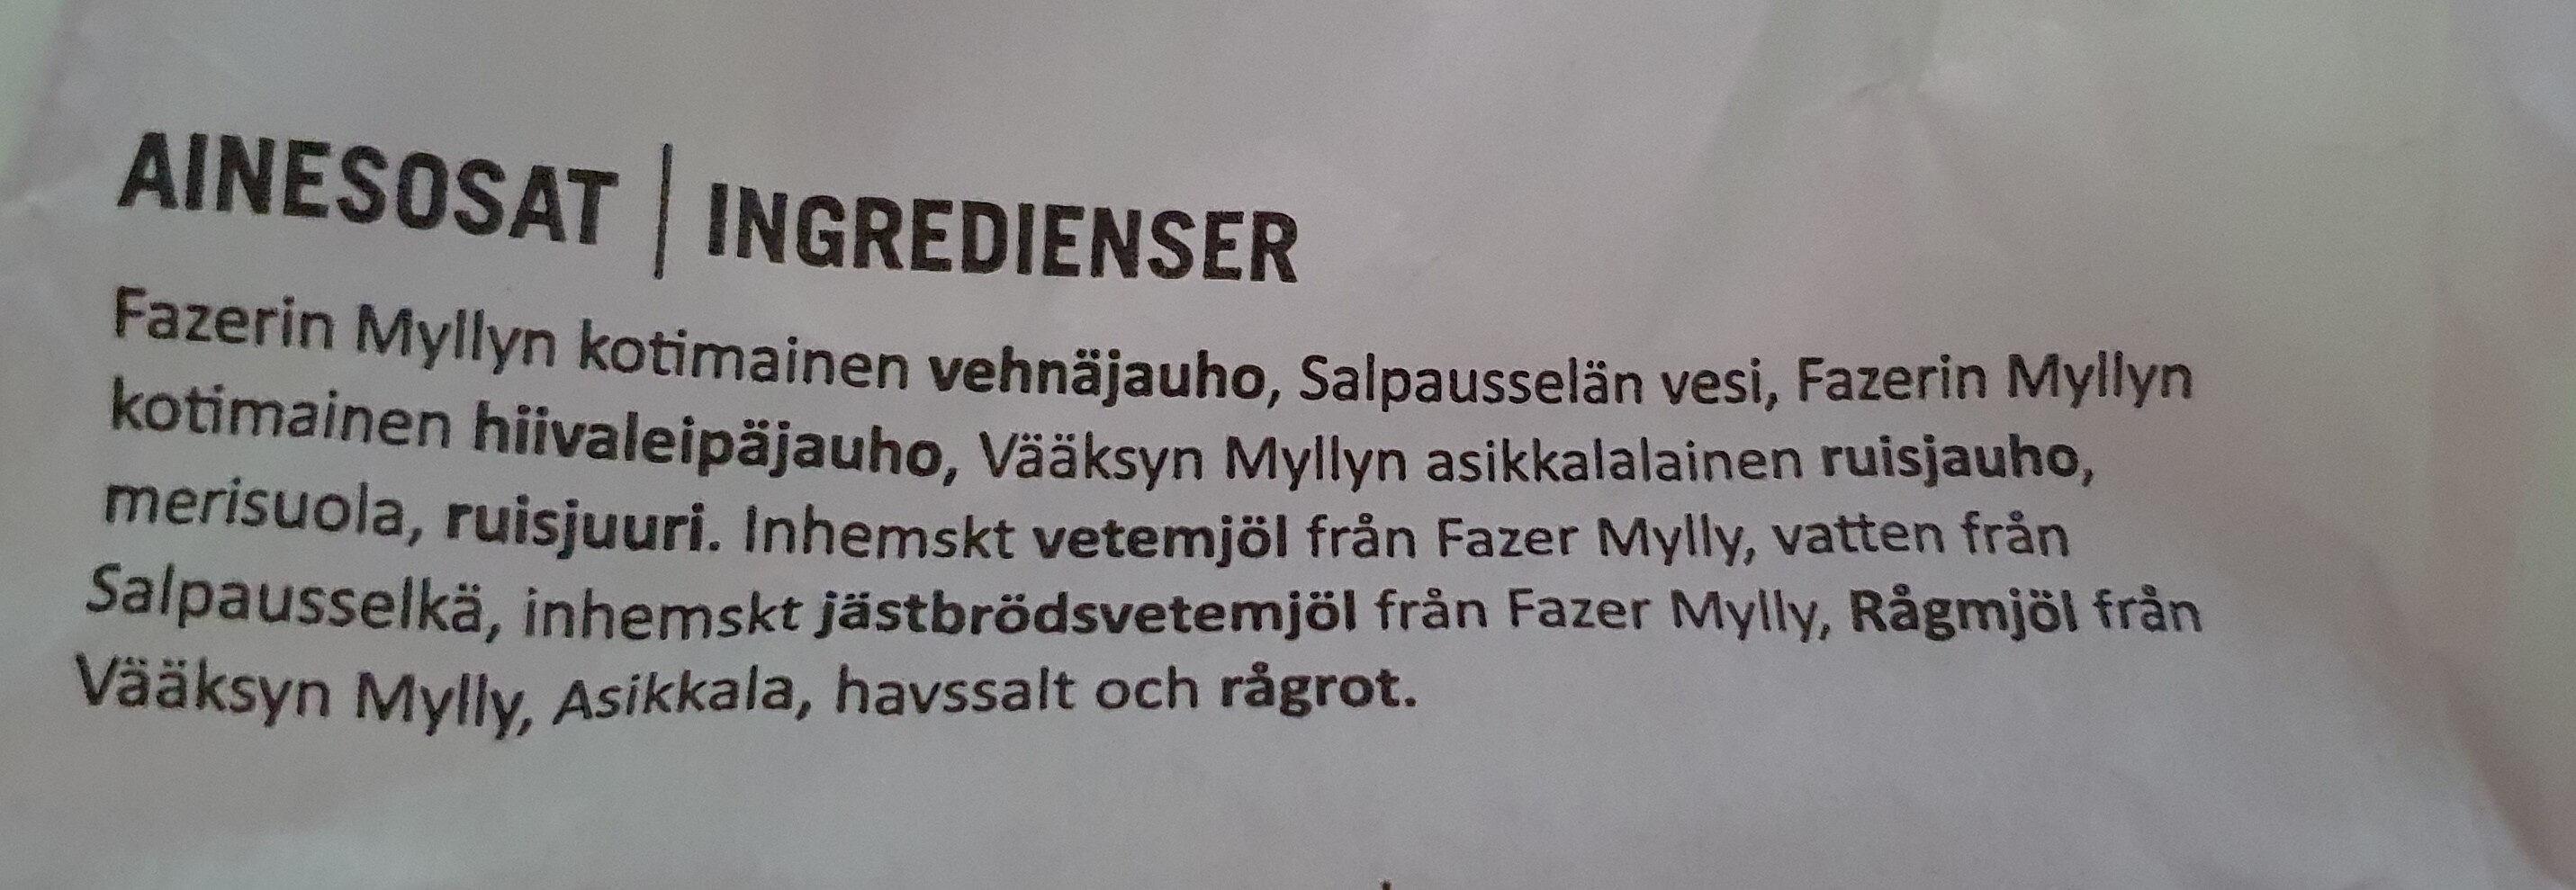 Hidas Hämäläinen - Ainesosat - fi